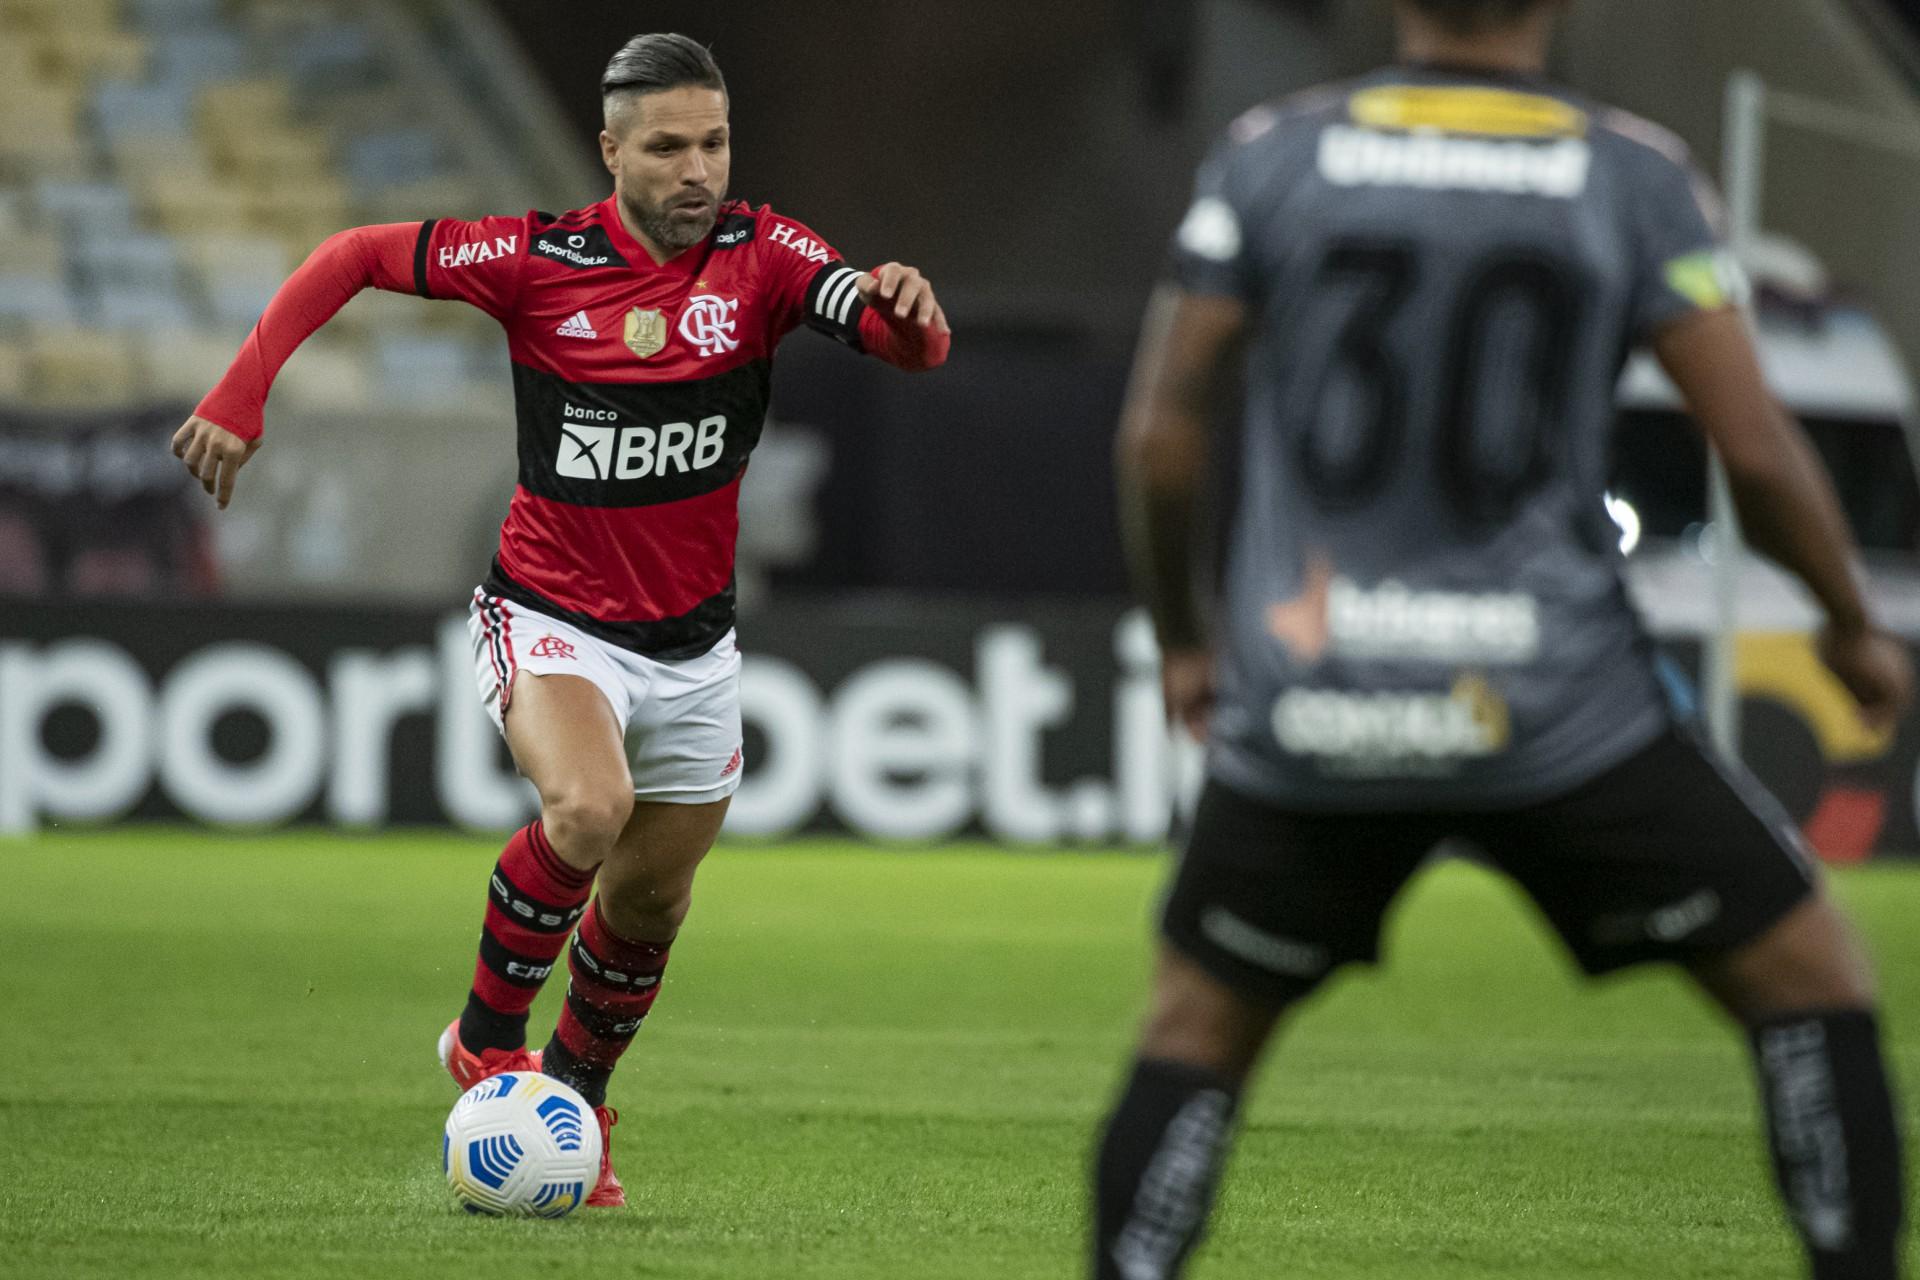 Com edema na panturrilha direita, Diego desfalca o Flamengo contra o Palmeiras